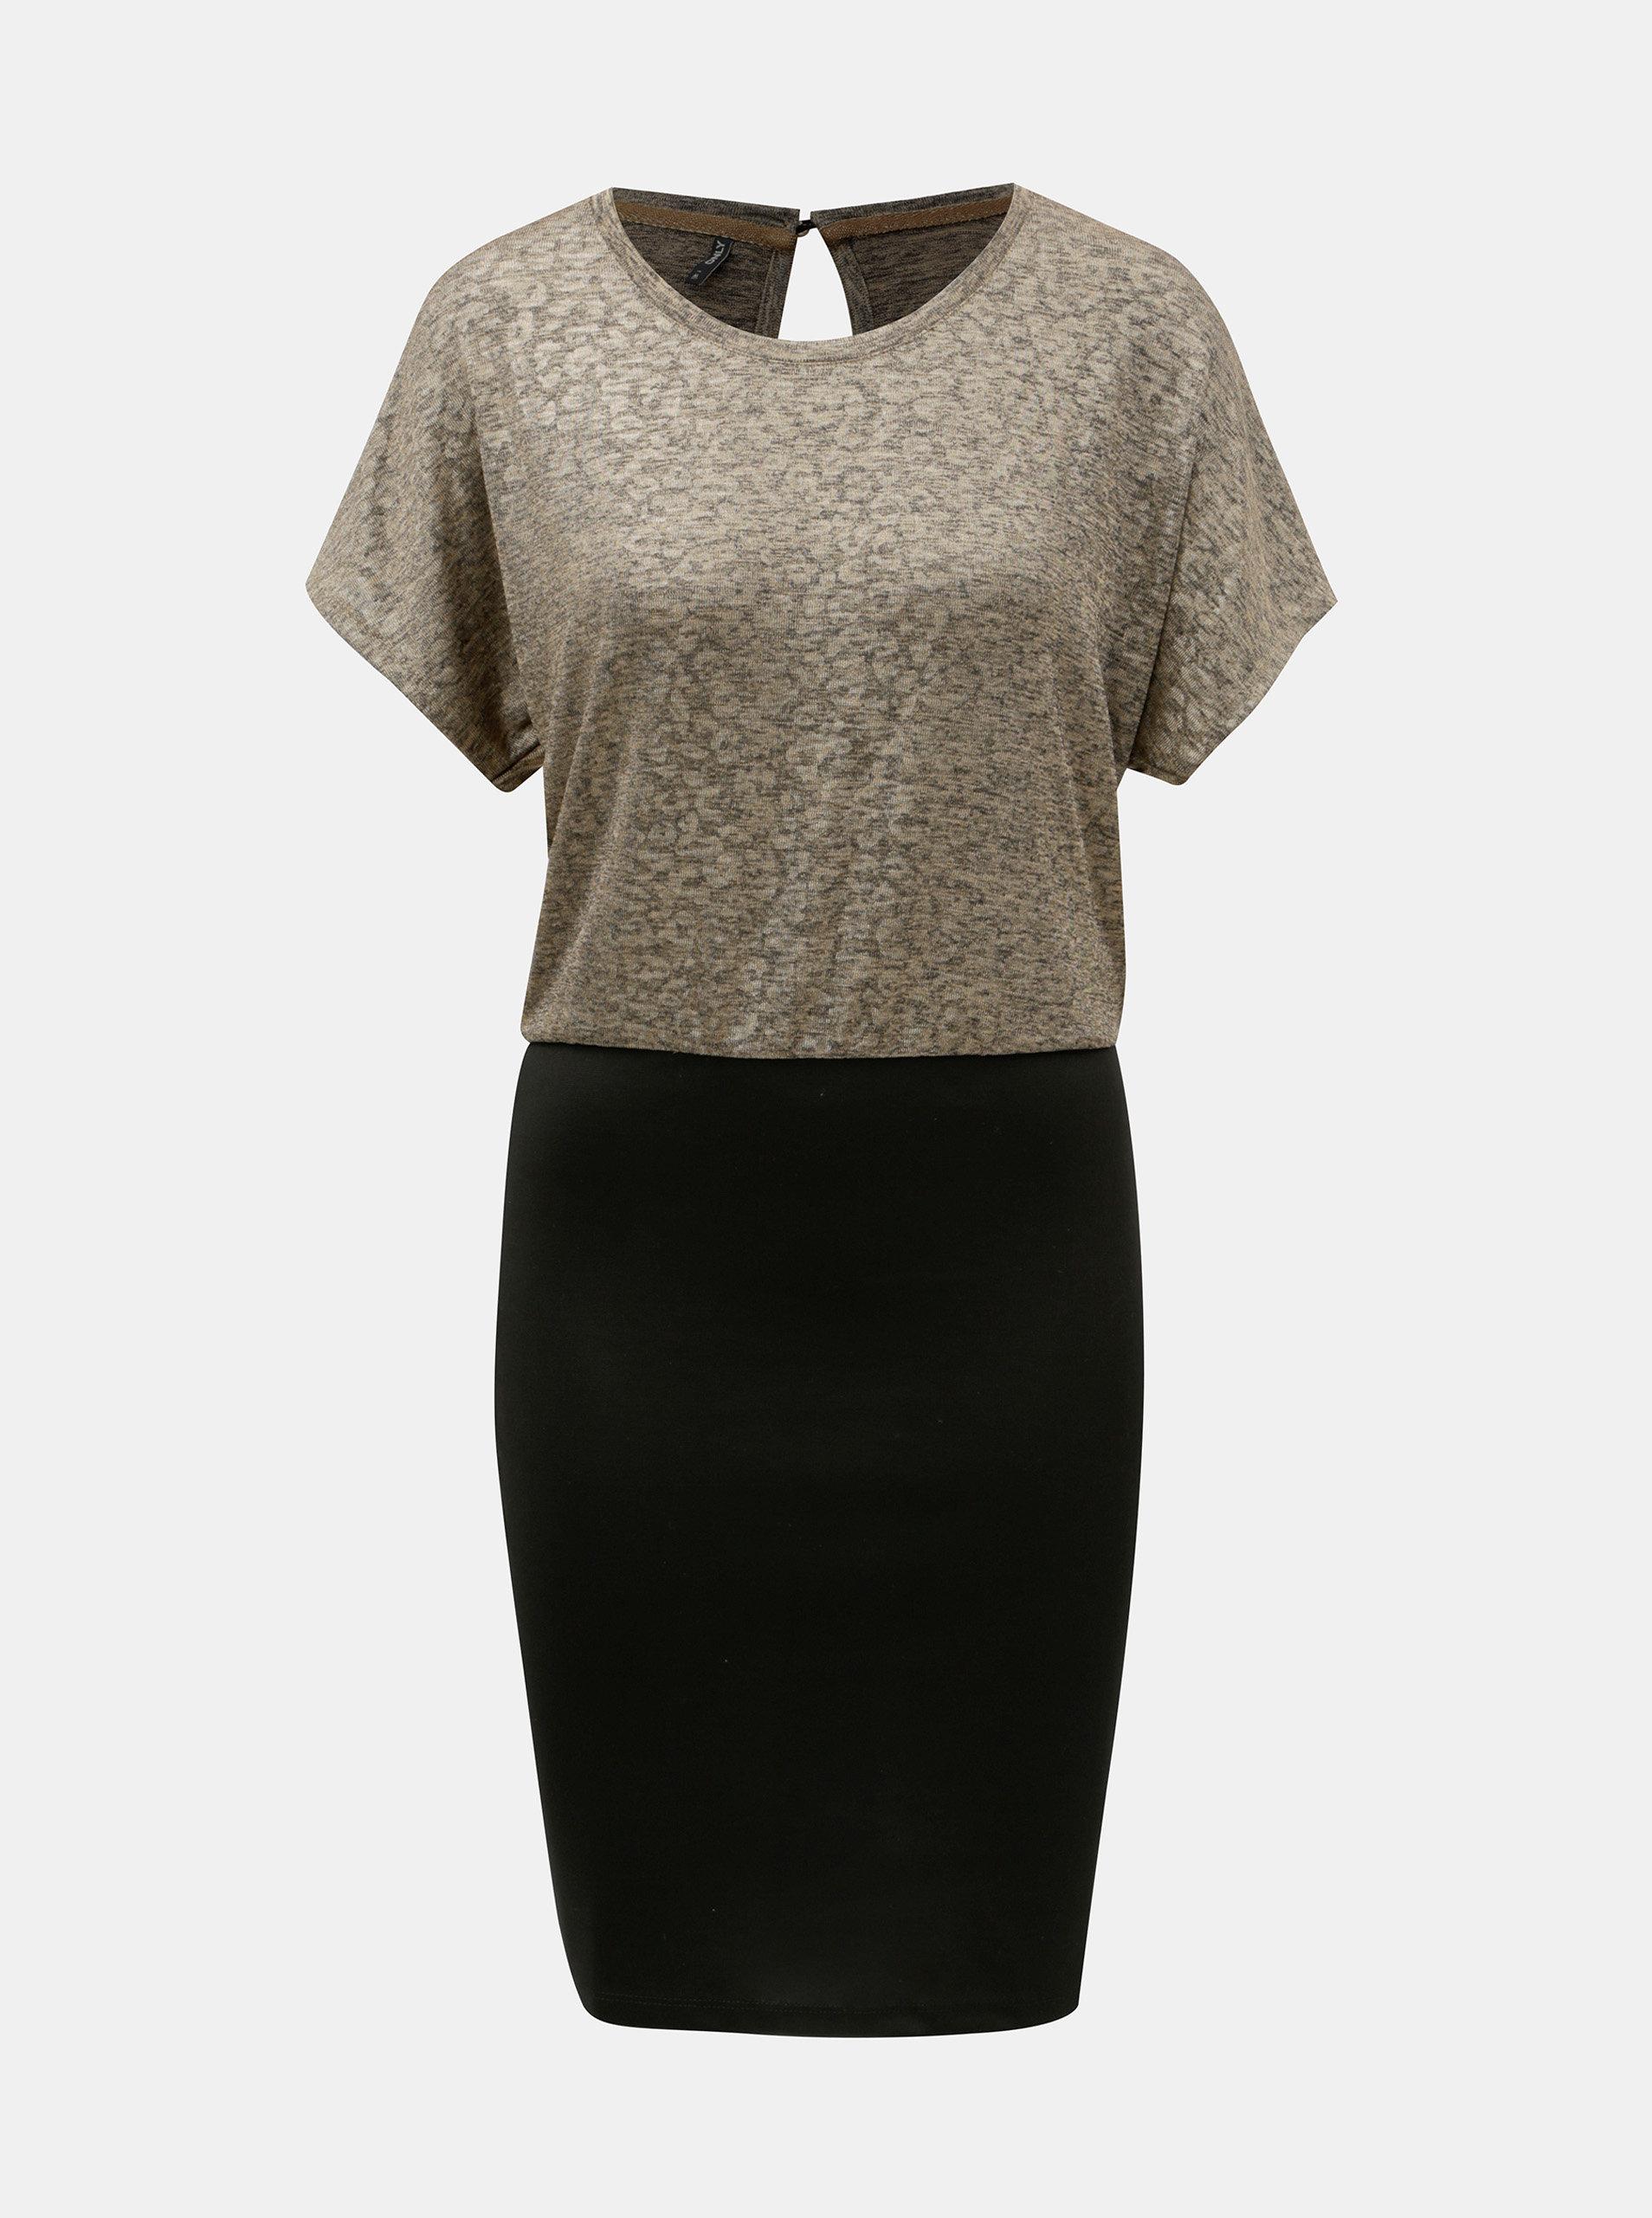 Pouzdrové šaty v černé a zlaté barvě ONLY Plearl ... 2bd5d81df0